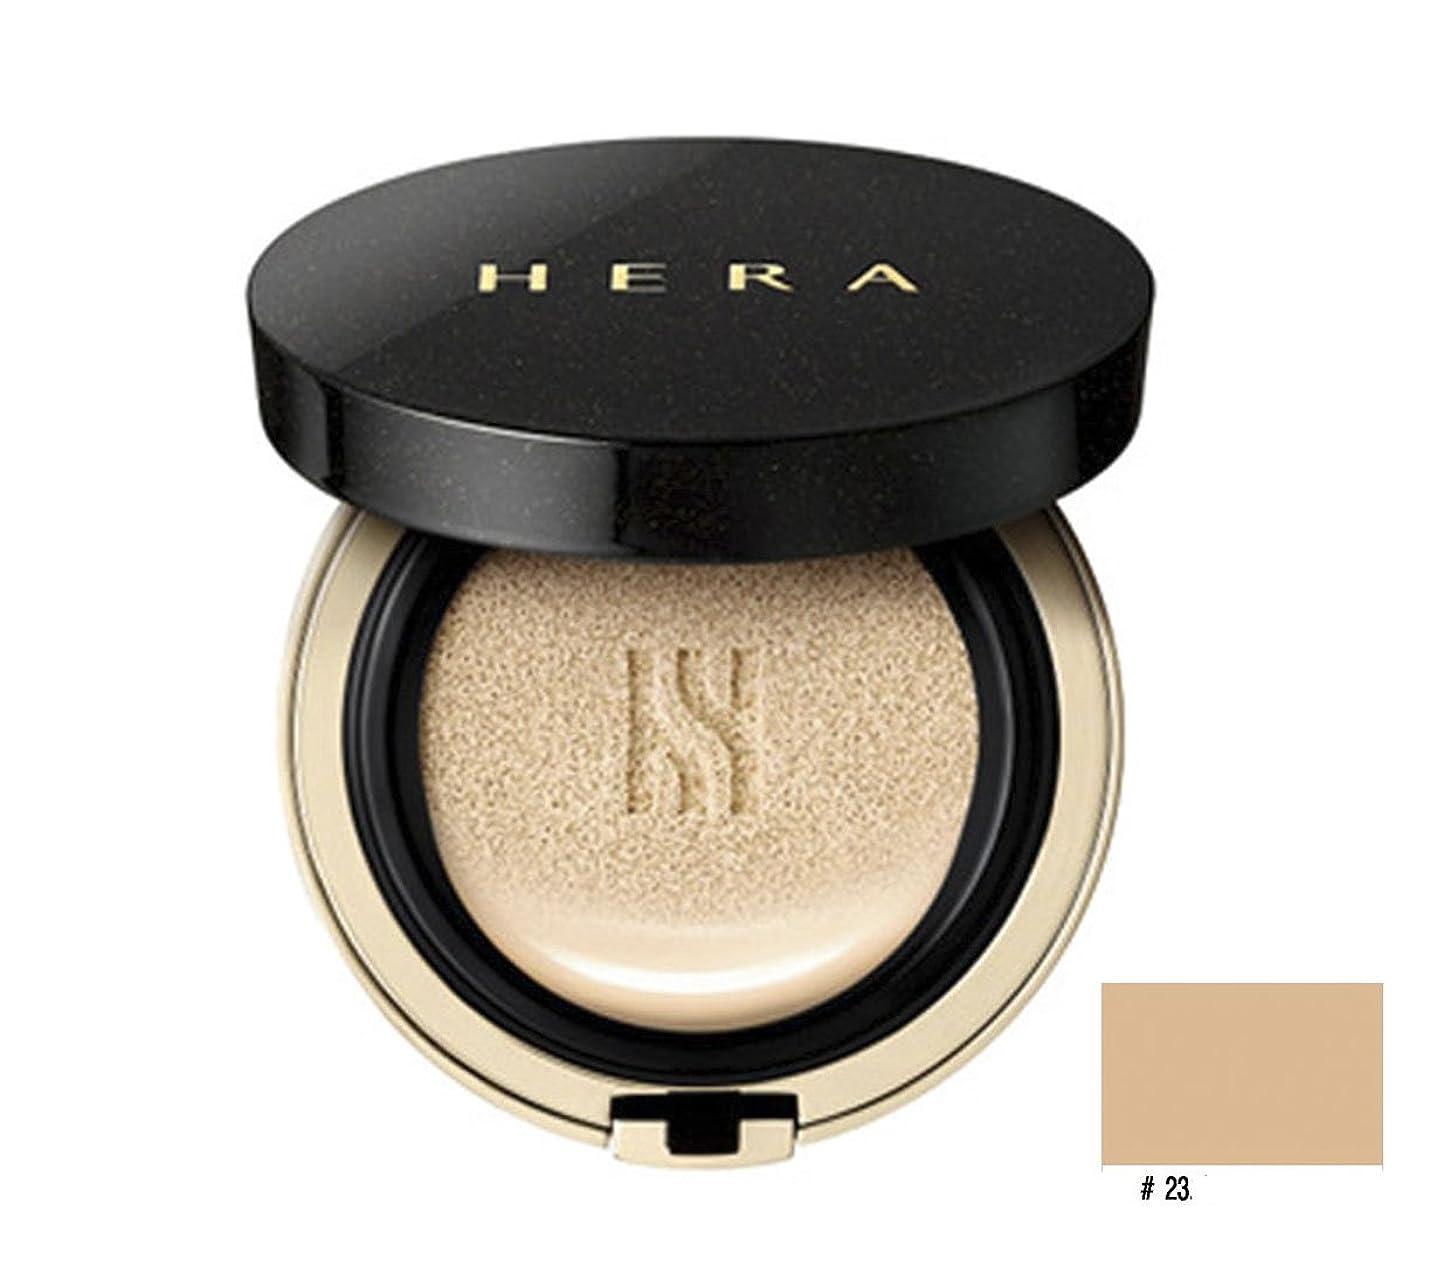 ある同一の危機Hera ブラッククッション SPF34/PA++ 本品15g+リフィール15g/Black Cushion SPF34/PA++ 15g+Refil15g (No.23 beige) (韓国直発送) + Ochloo logo tag